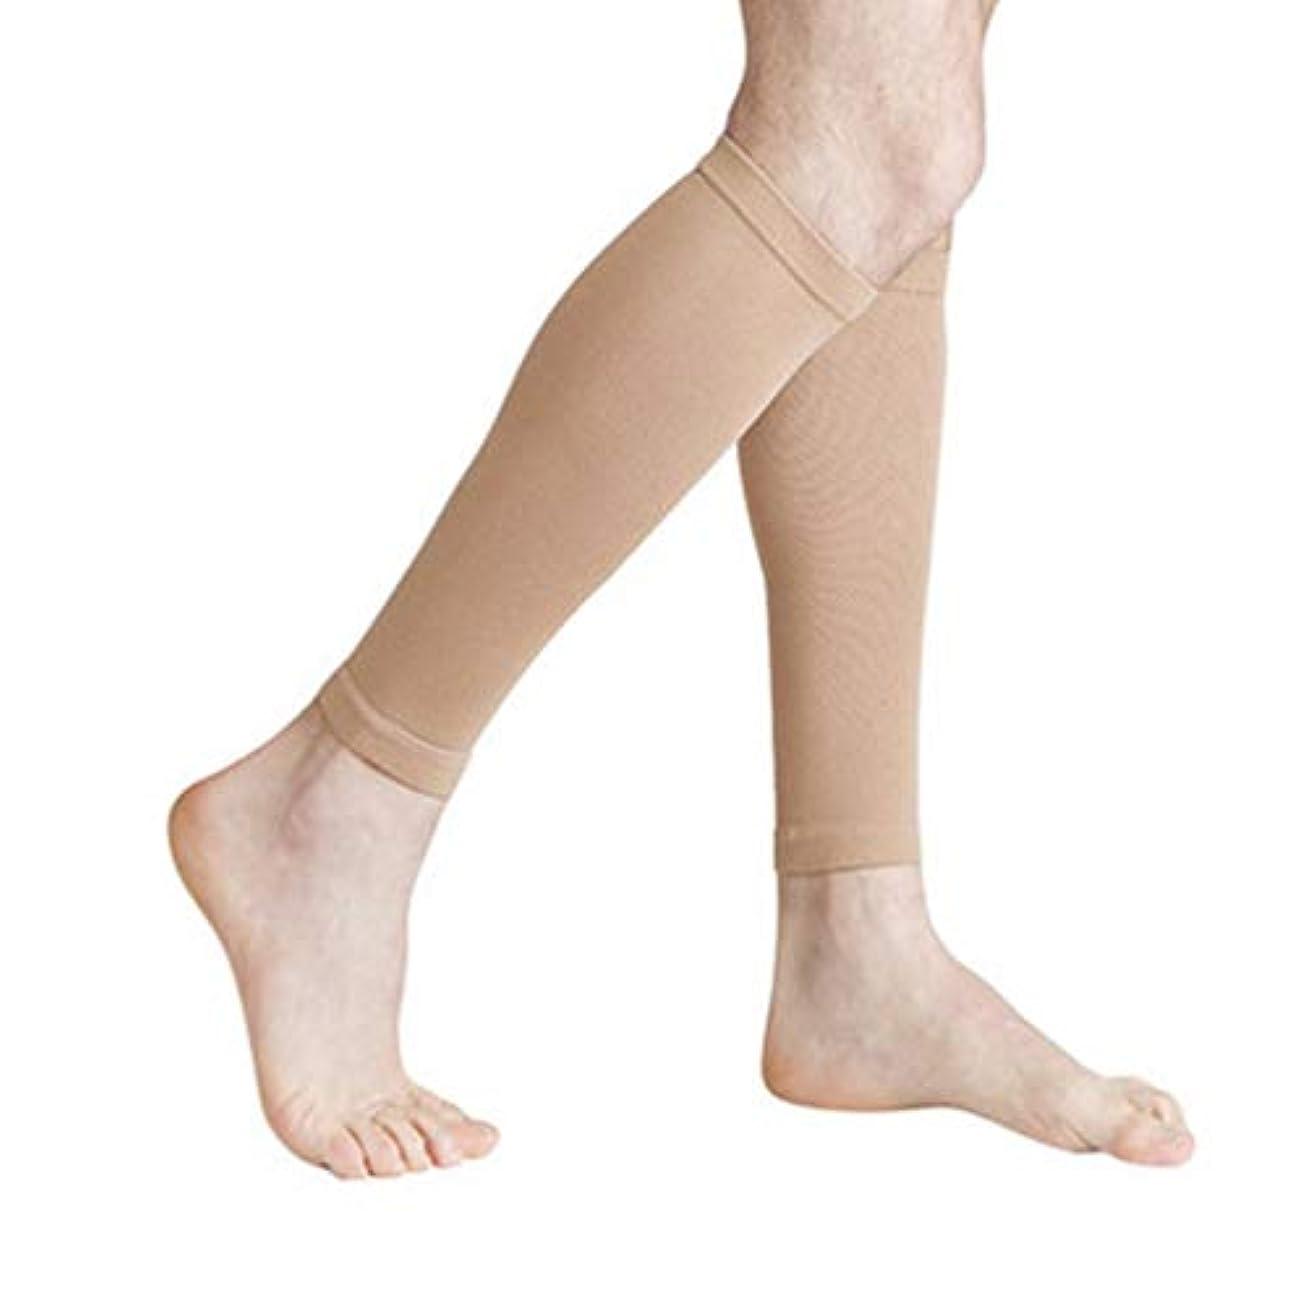 チューリップ特許乱れ丈夫な男性女性プロの圧縮靴下通気性のある旅行活動看護師用シントスプリントフライトトラベル - 肌色